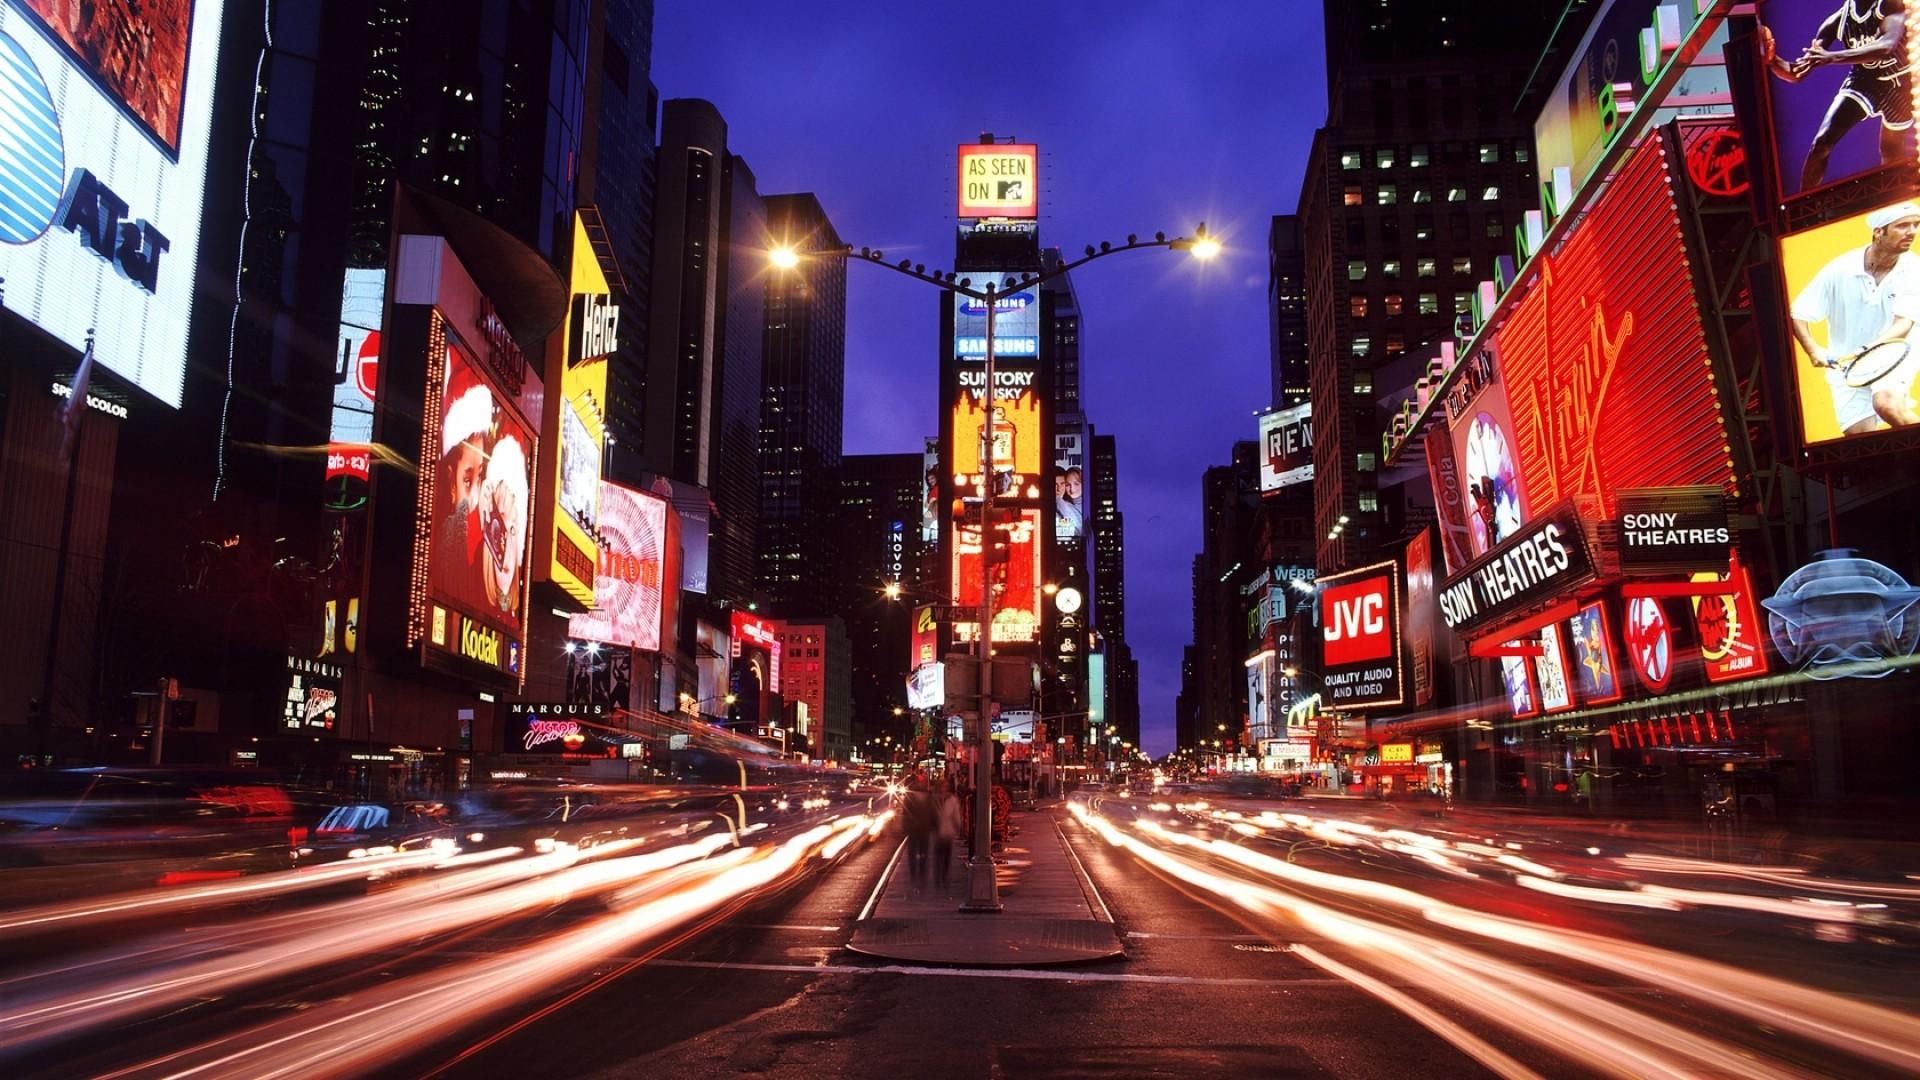 New York Street Wallpaper for pc